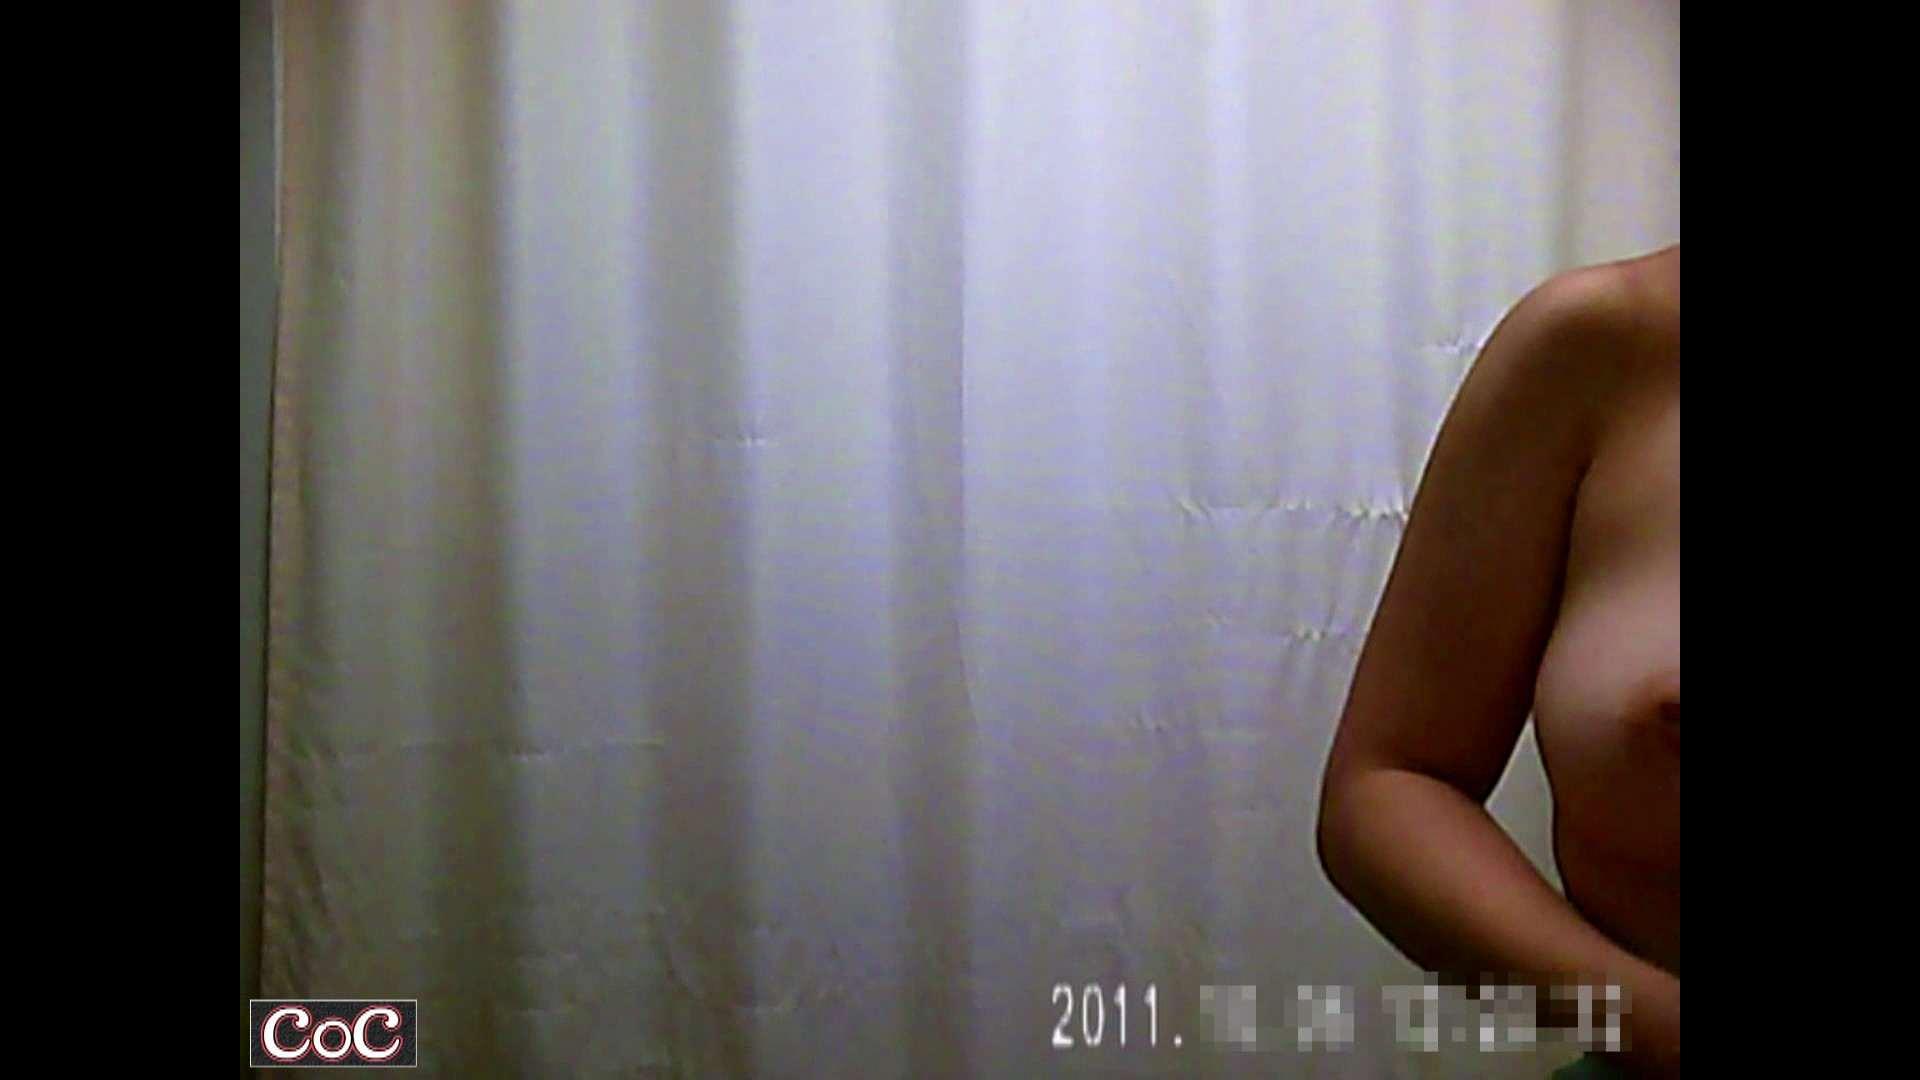 トイレ盗撮|元医者による反抗 更衣室地獄絵巻 vol.244|怪盗ジョーカー